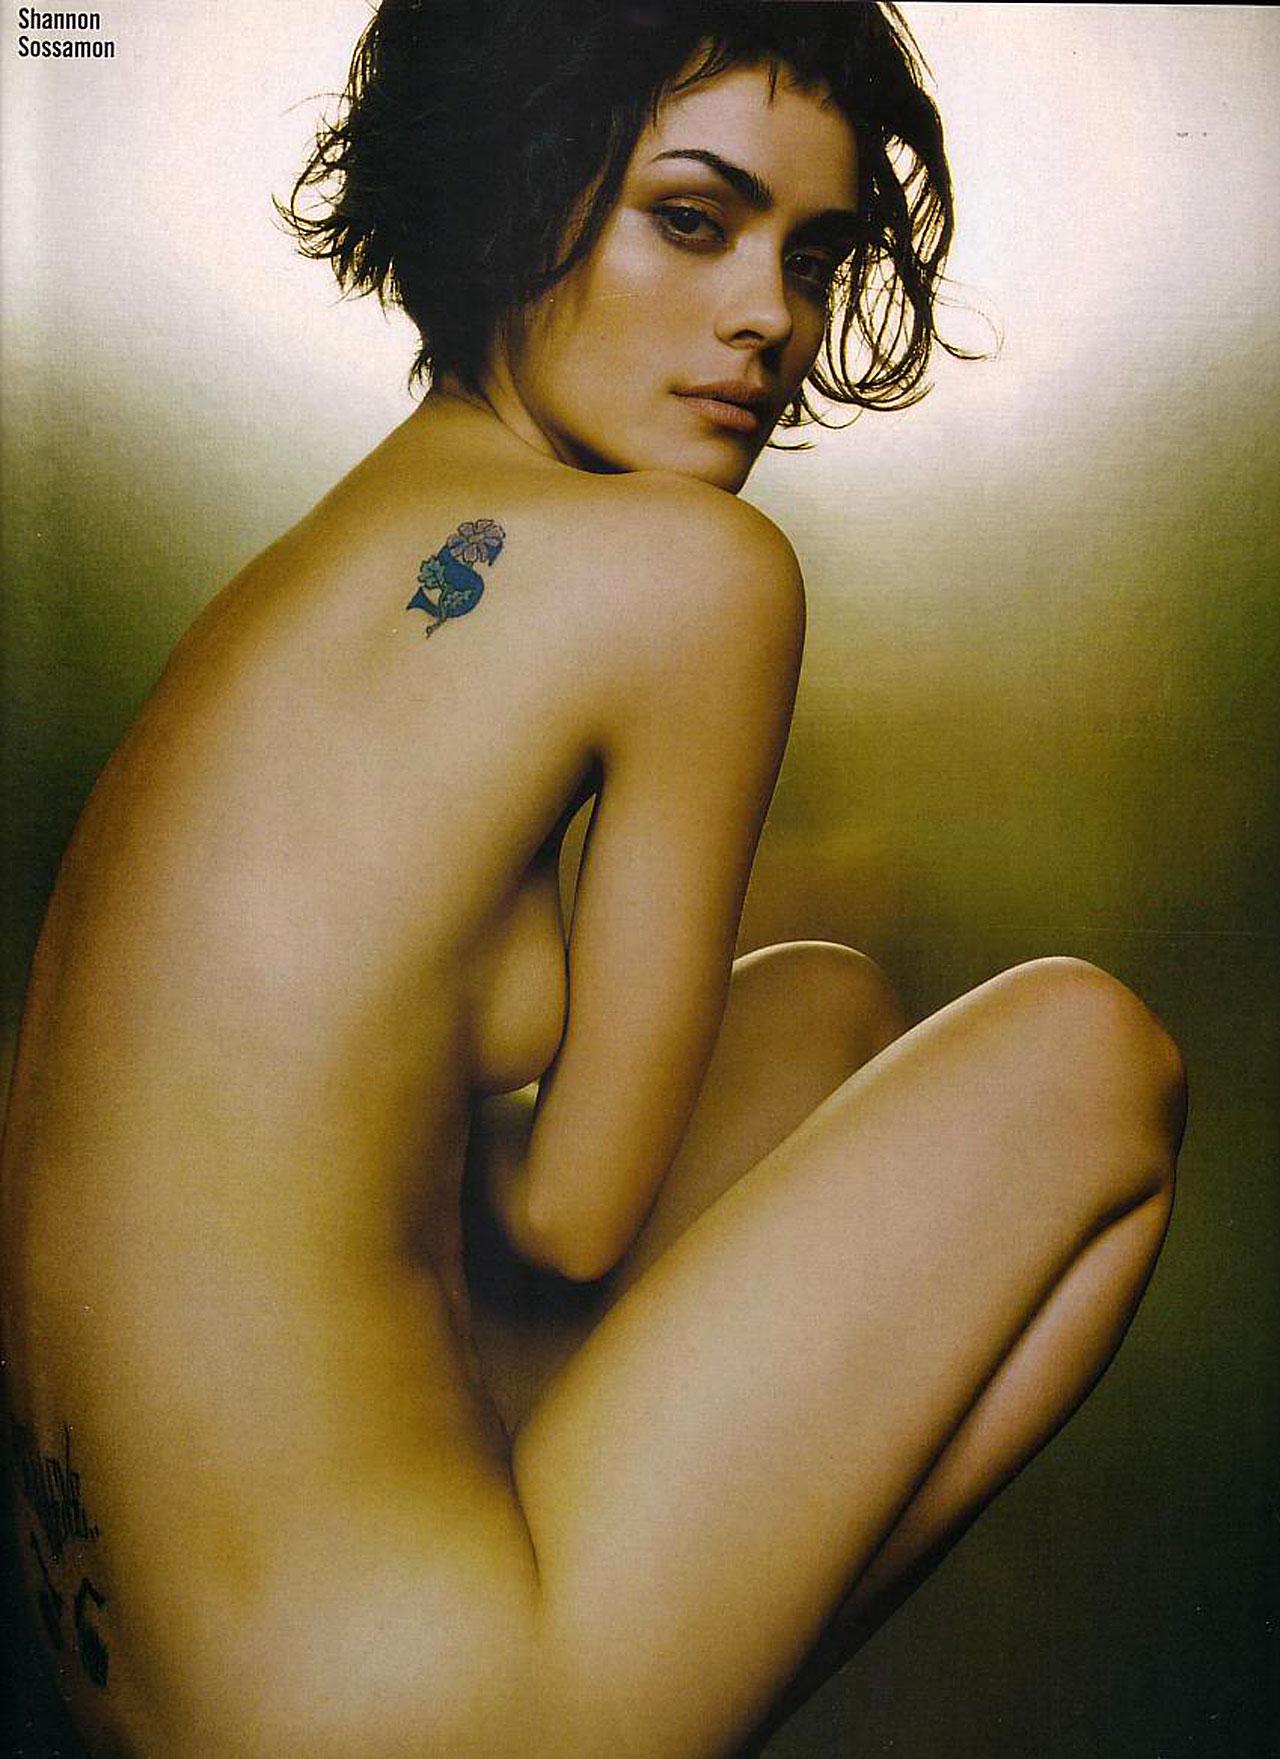 shannyn sossamon naked